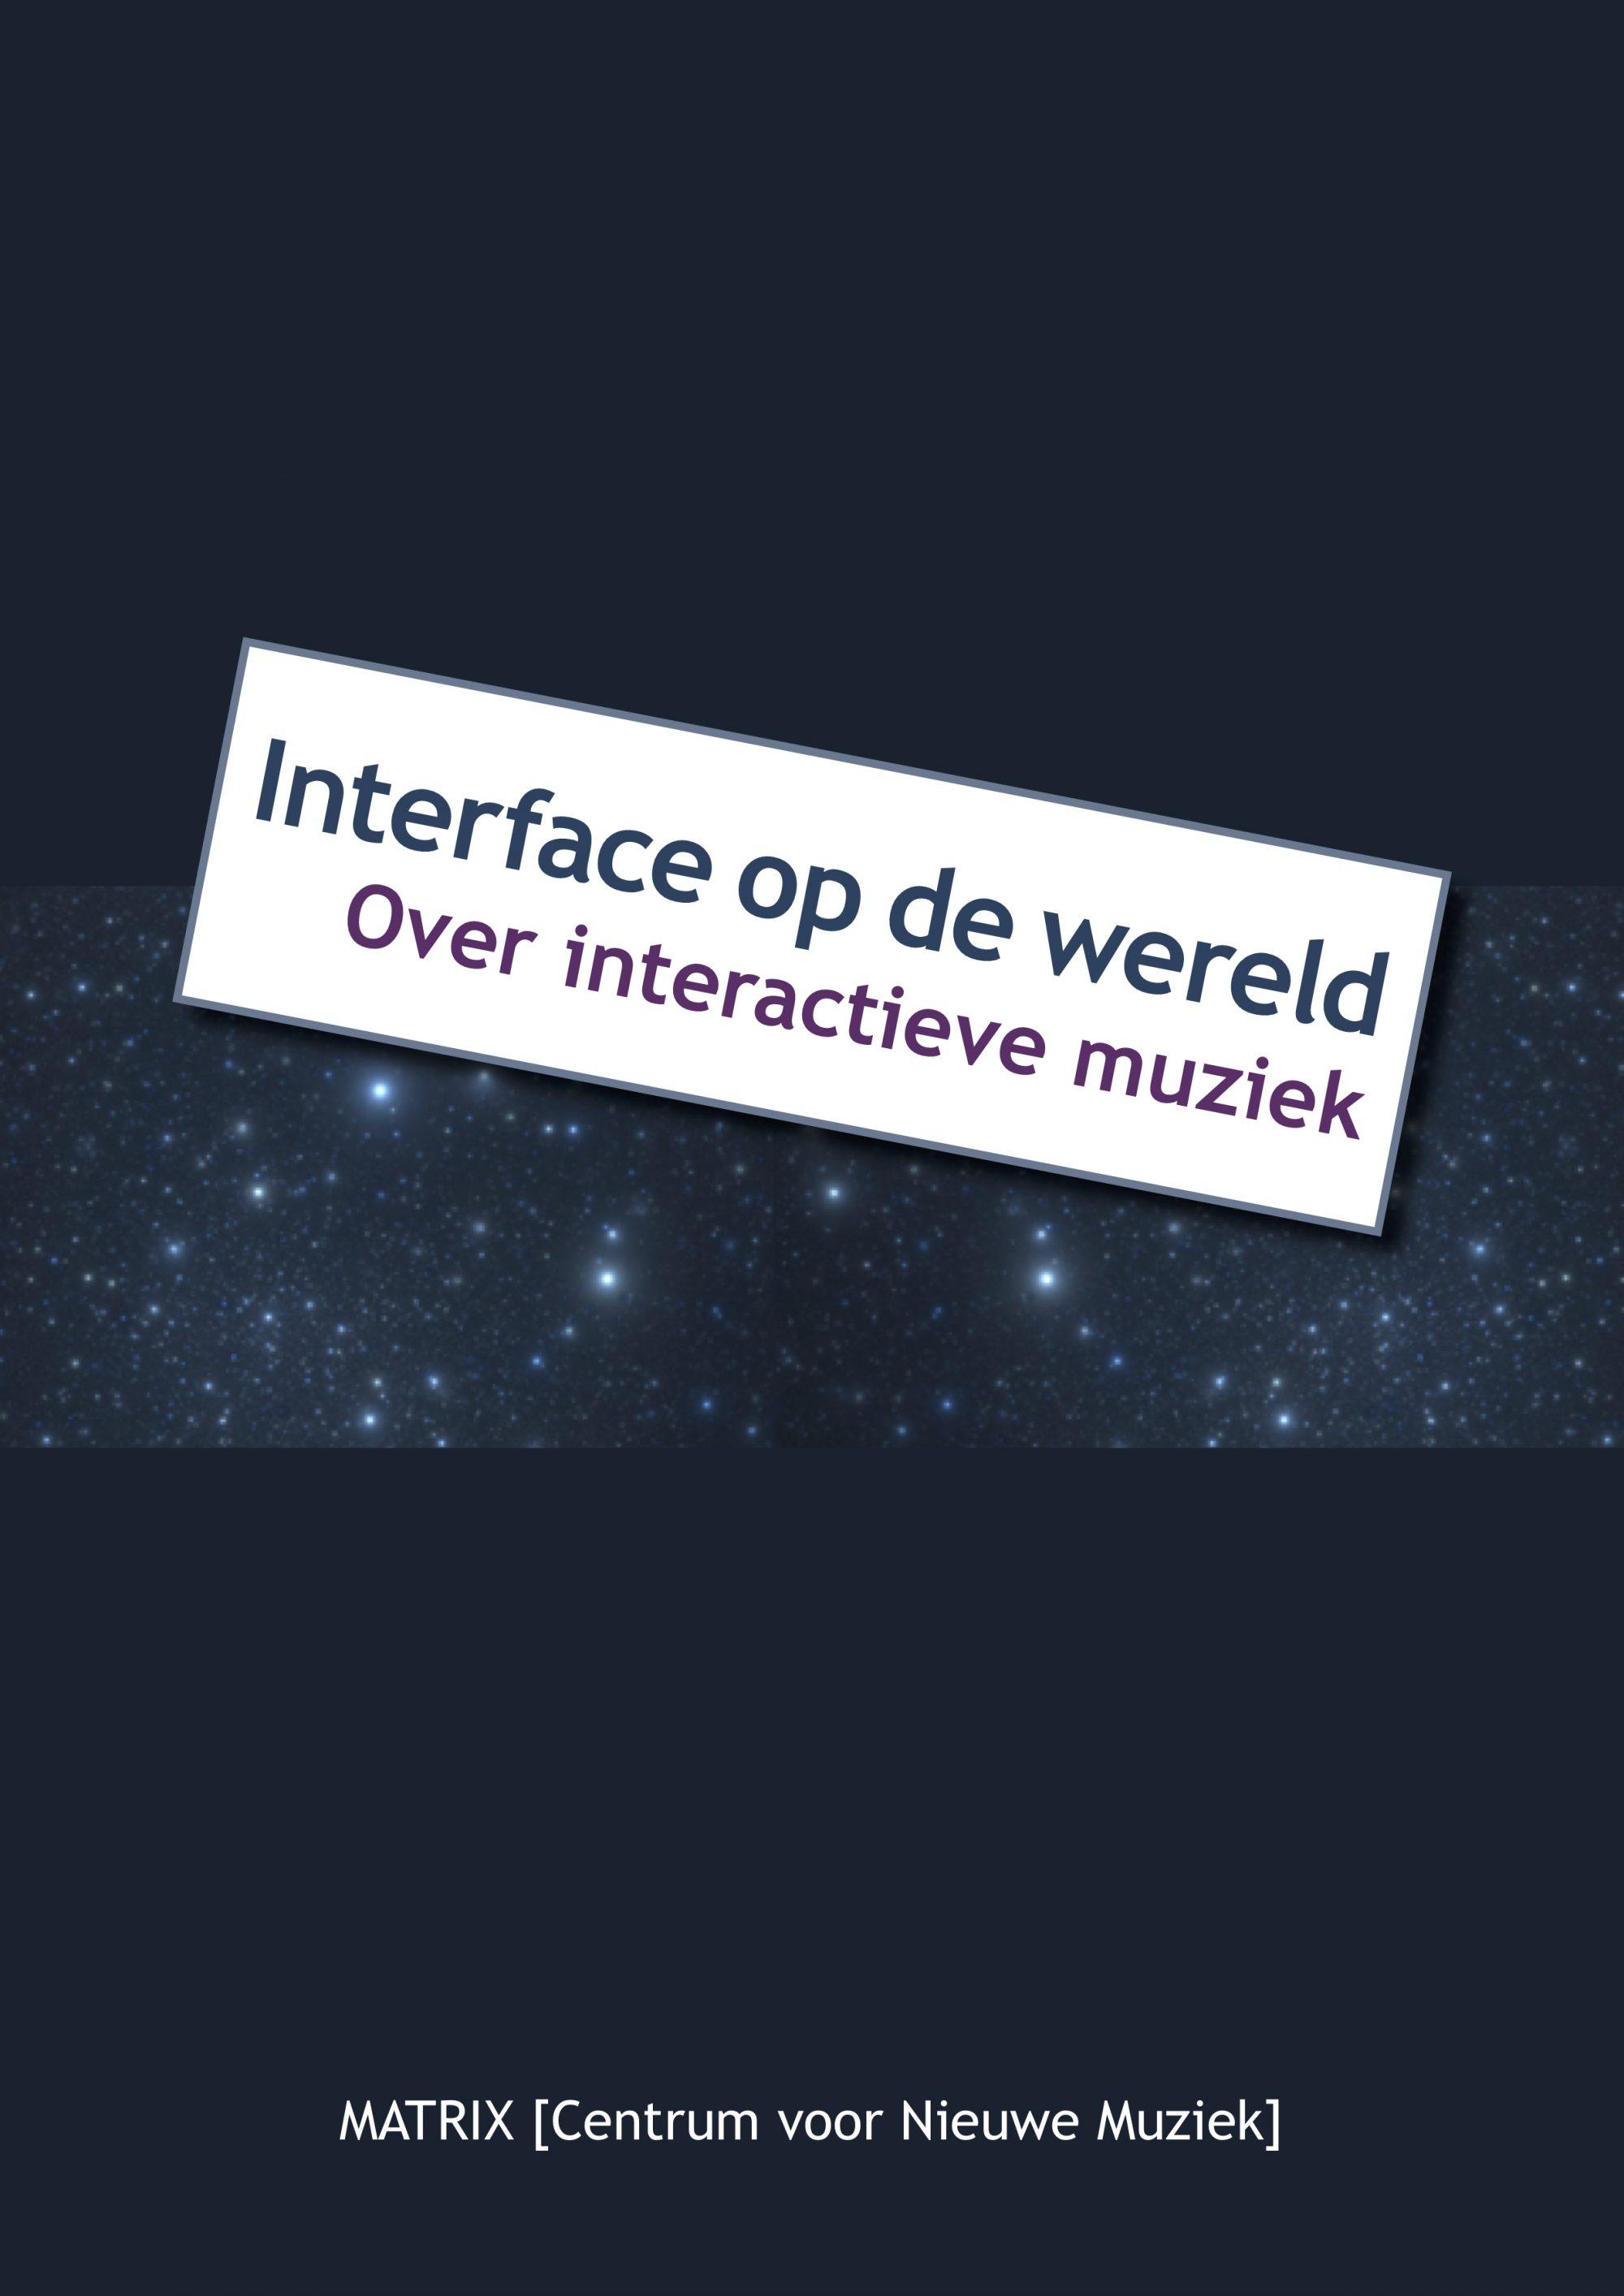 Epub3xnieuw_interface-op-de-wereld